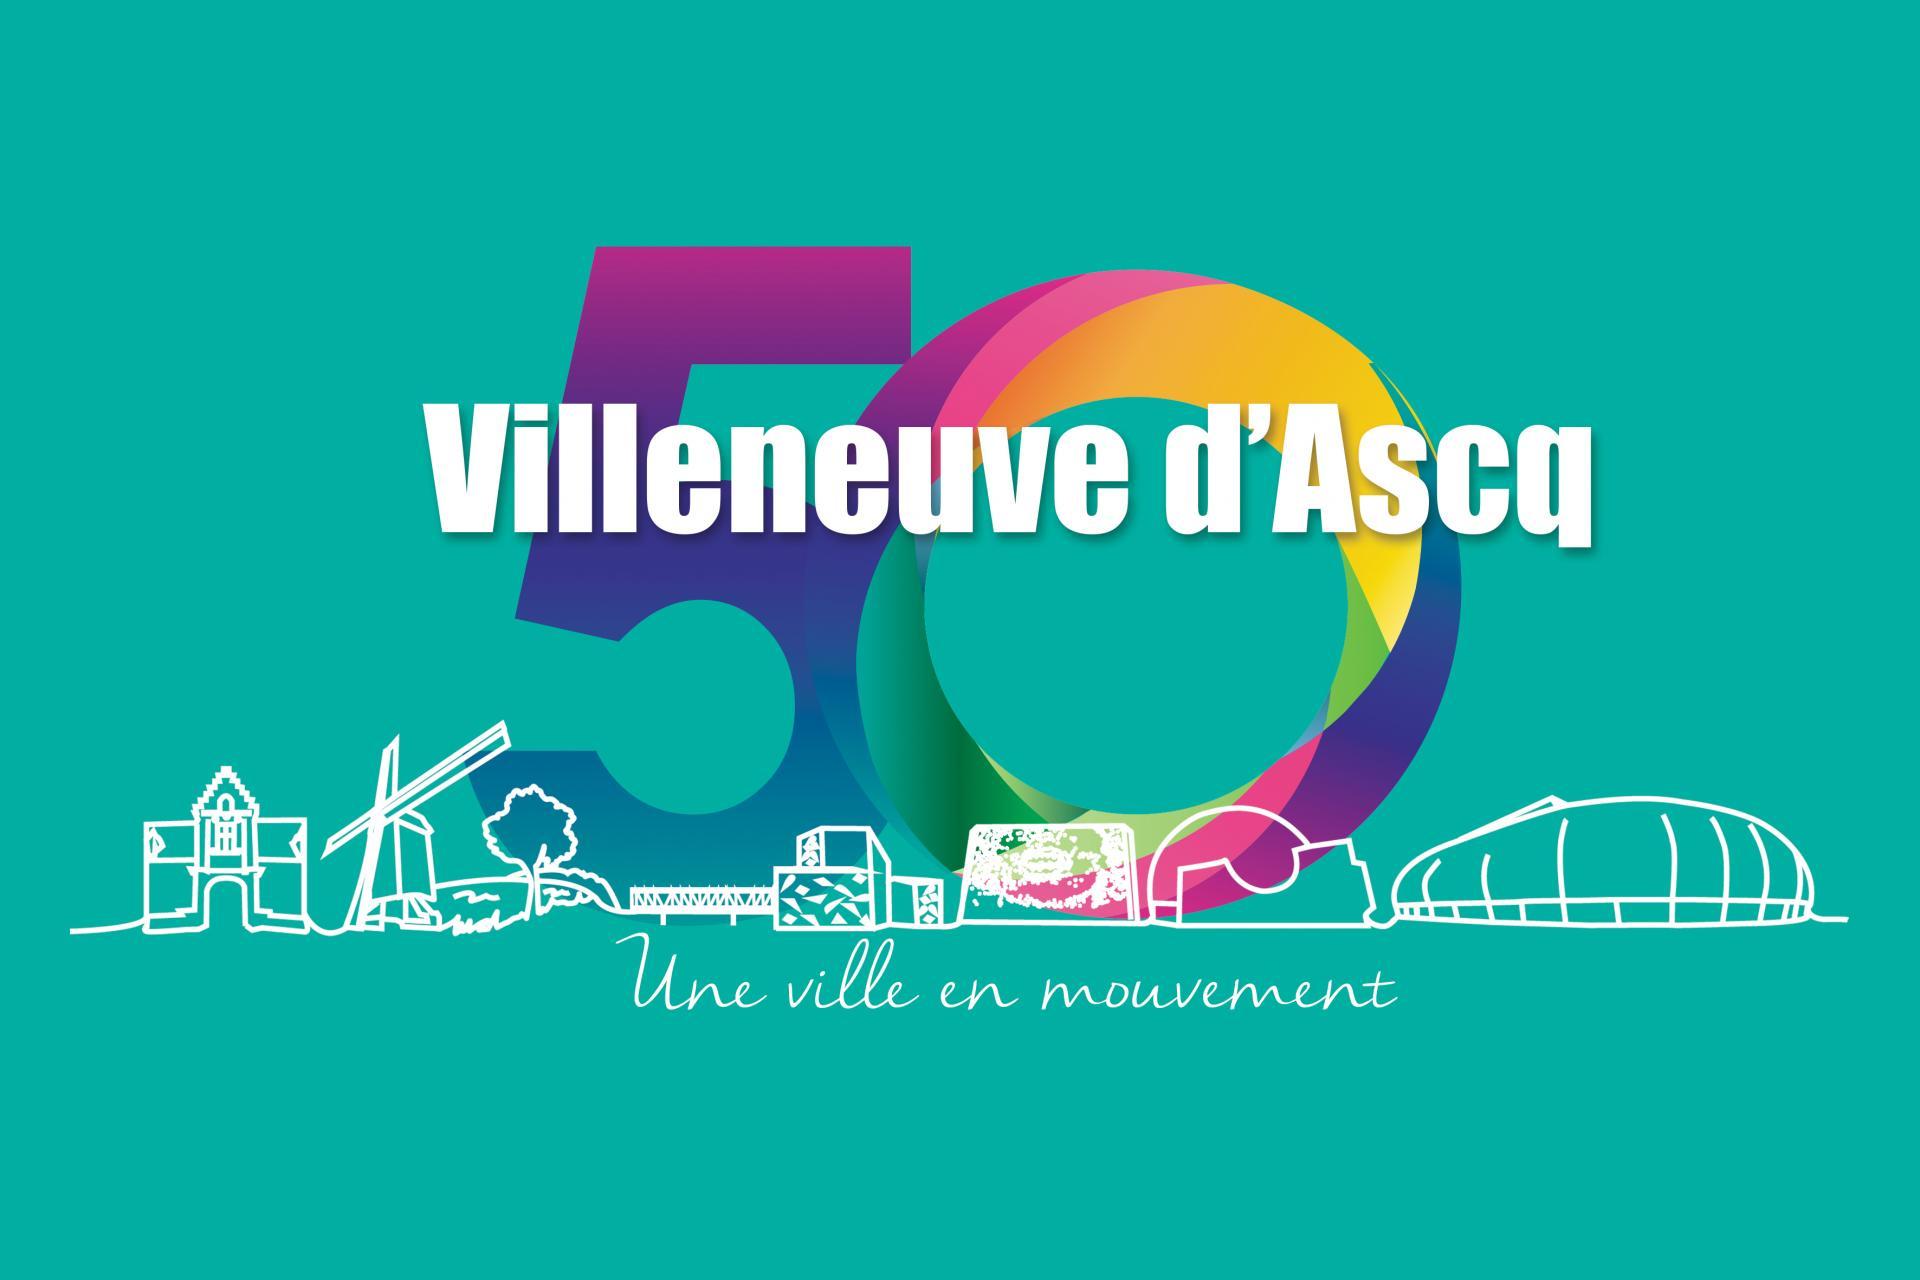 Le logo se compose du chiffre 50 aux couleurs de l'arc-en-ciel, reposant sur la skyline de la ville, représentant les monuments les plus emblématiques de Villeneuve d'Ascq